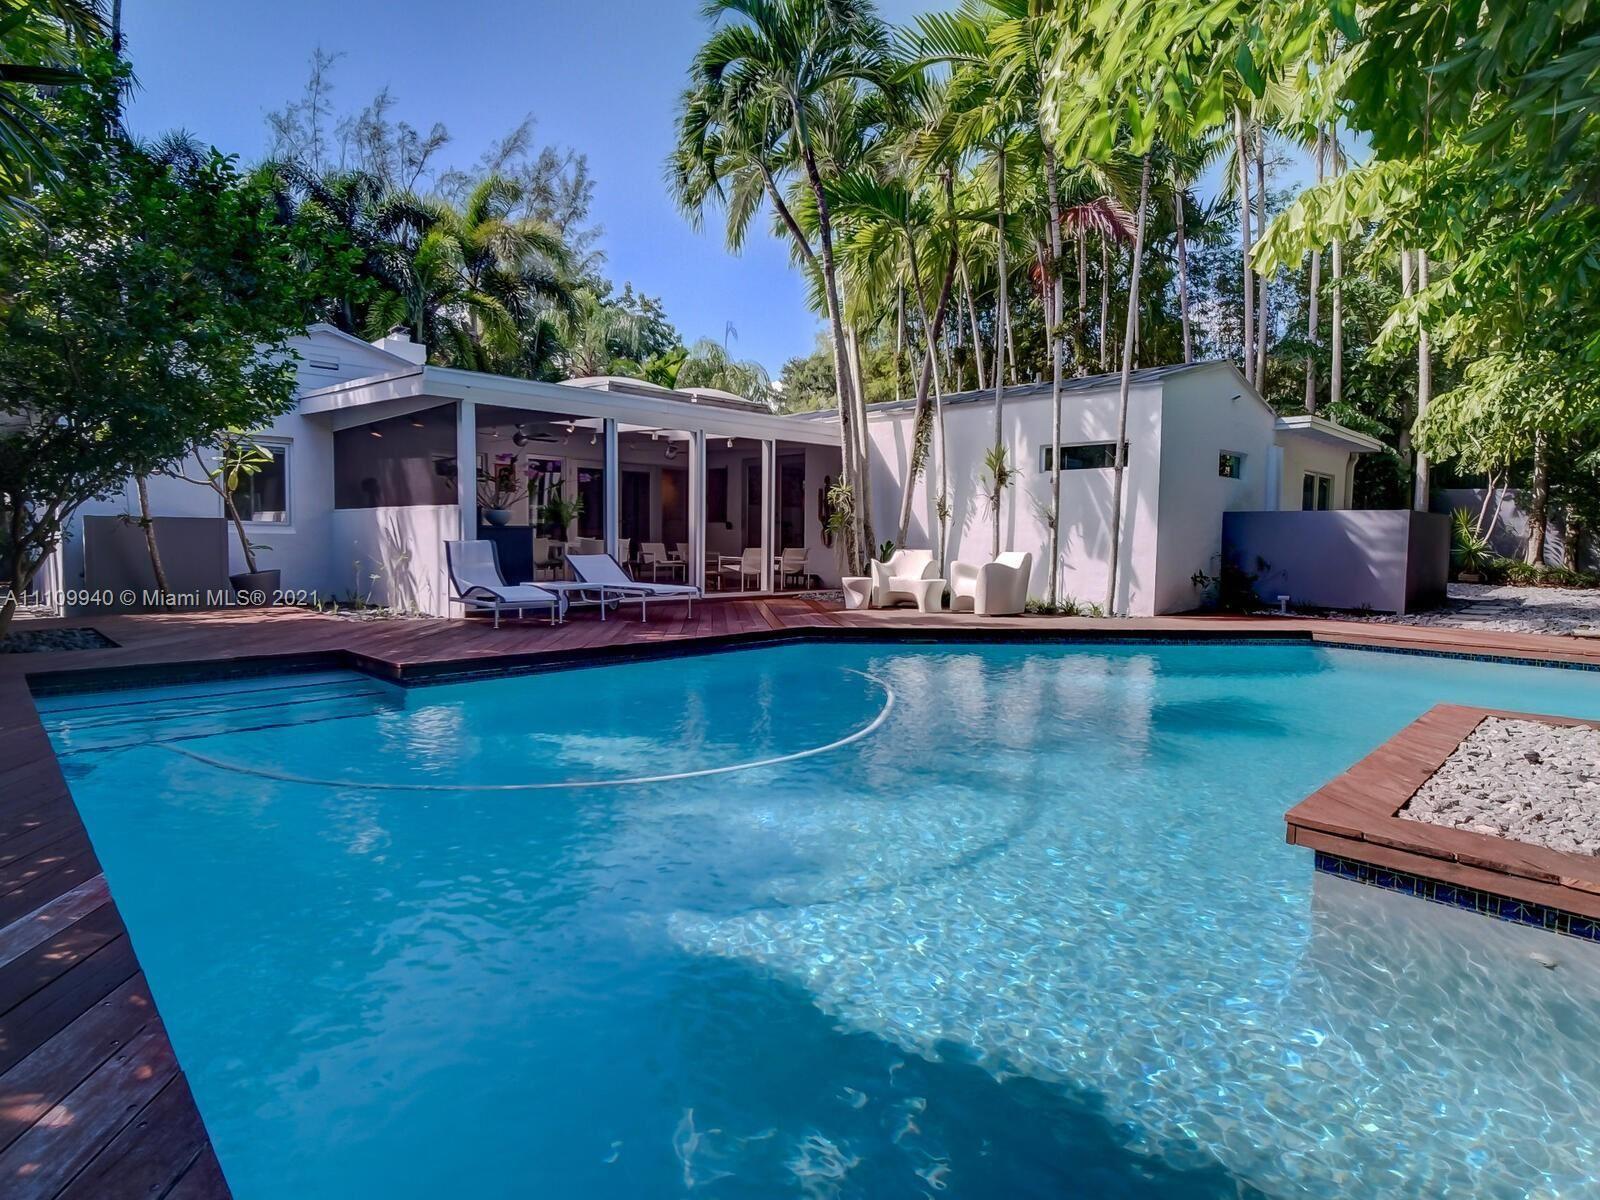 Photo of 3629 Palmetto Ave, Miami, FL 33133 (MLS # A11109940)